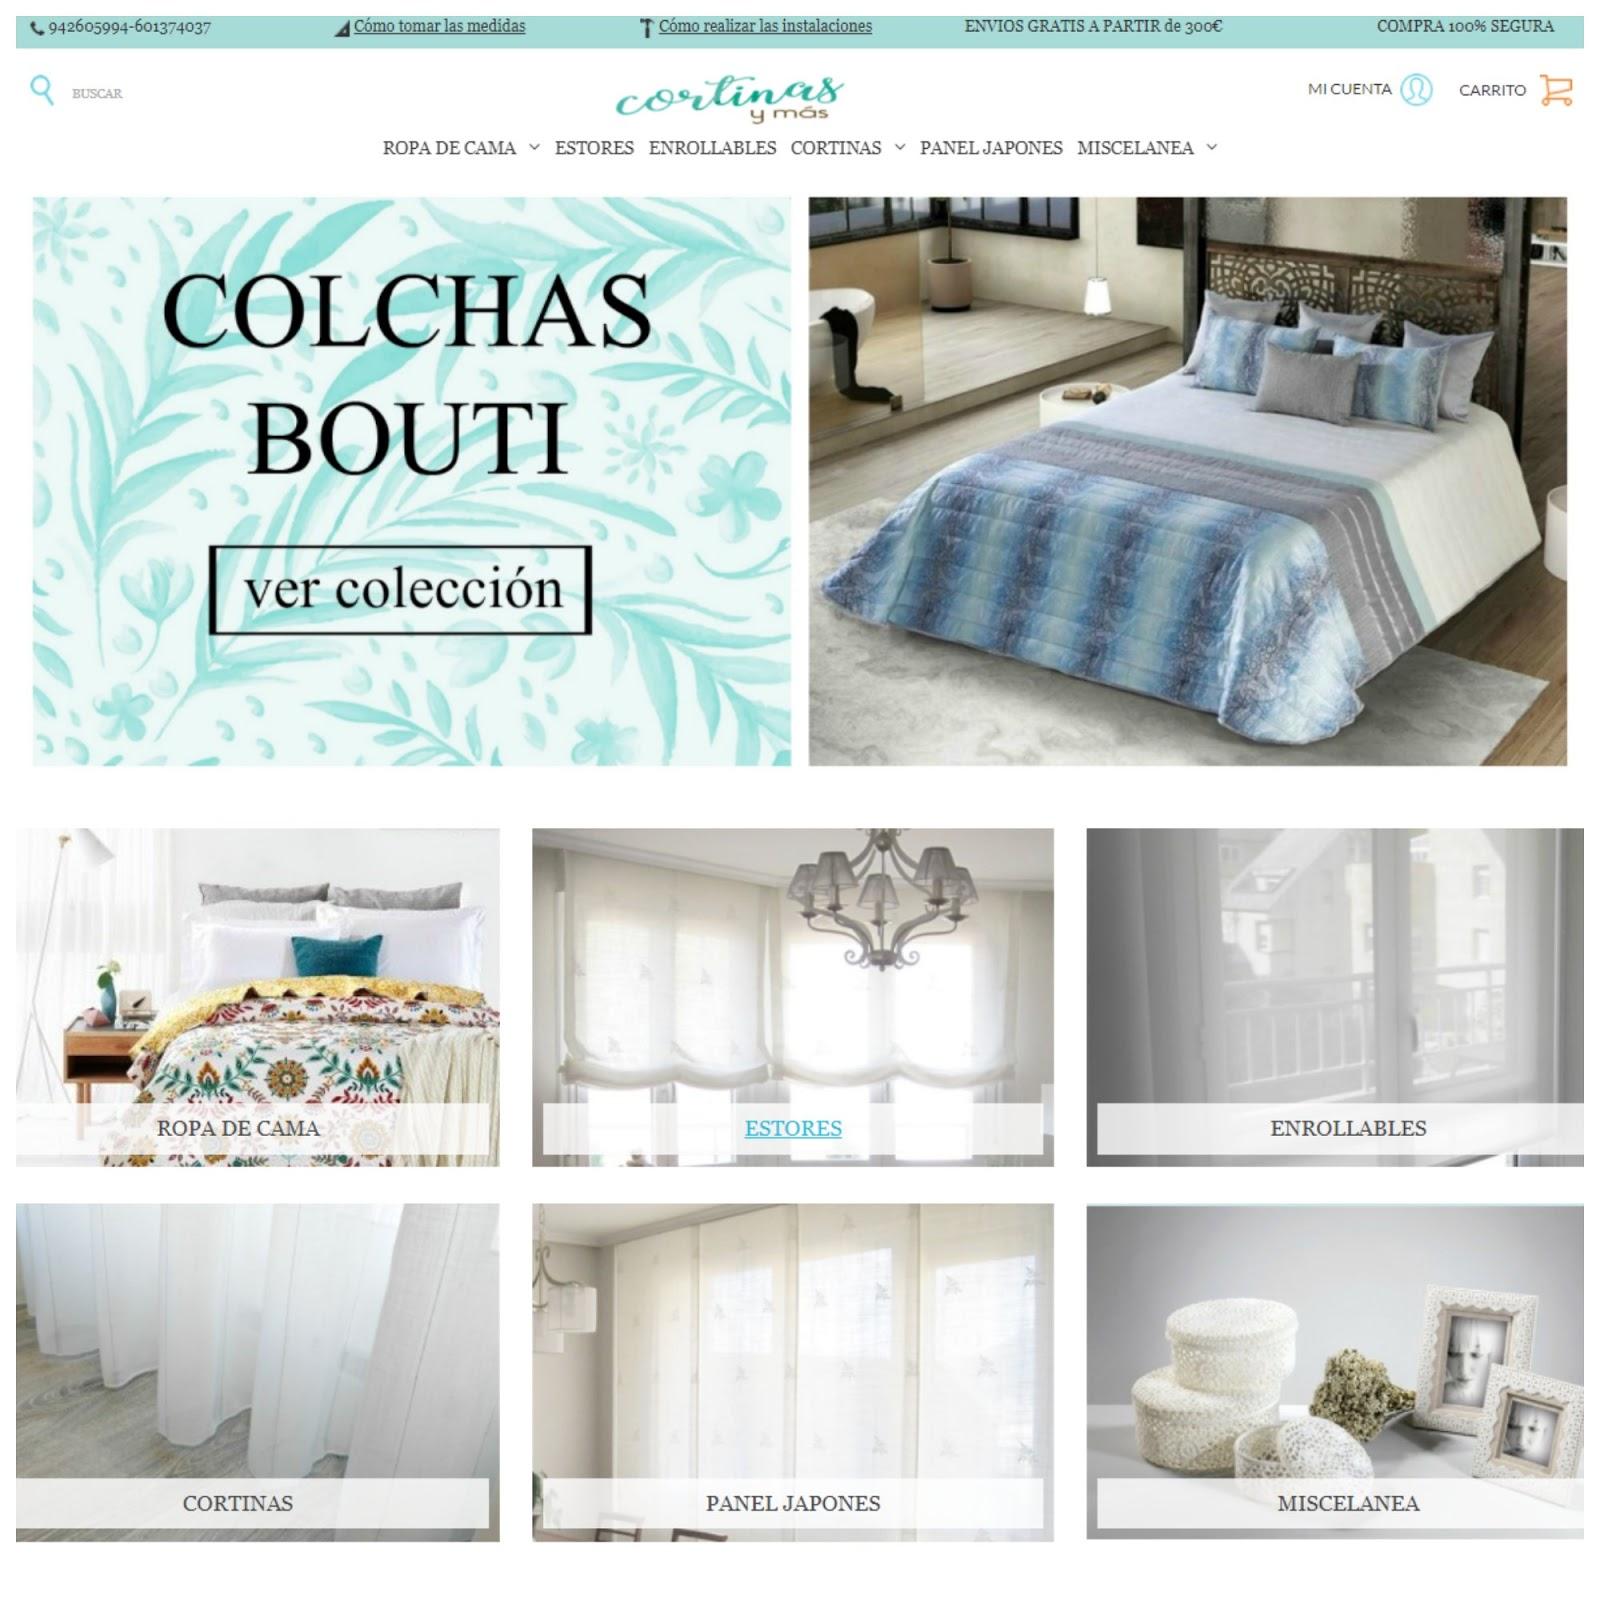 cortinasymas_tiendaonline_cortinas_stores_paneles_enrollables_ropa_cama_decolopezgarcia